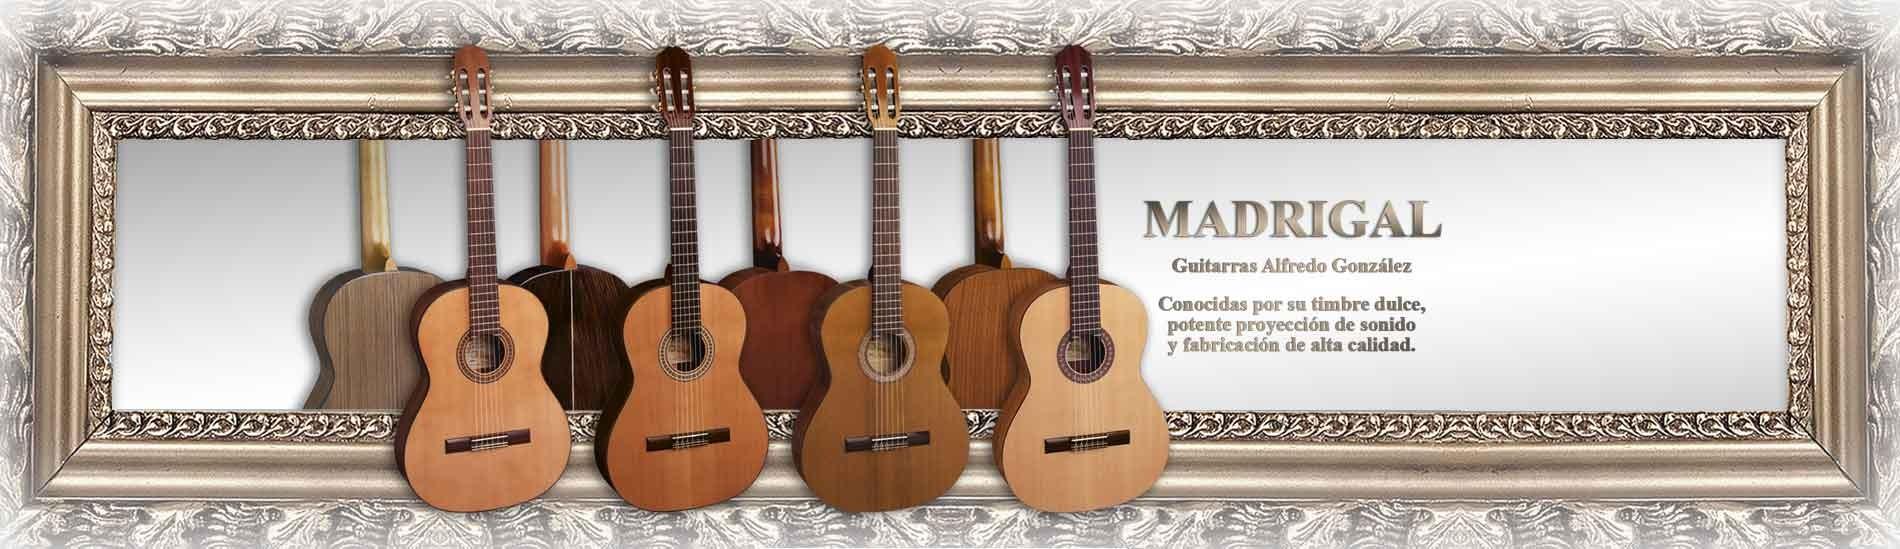 Guitarras clásicas Madrigal